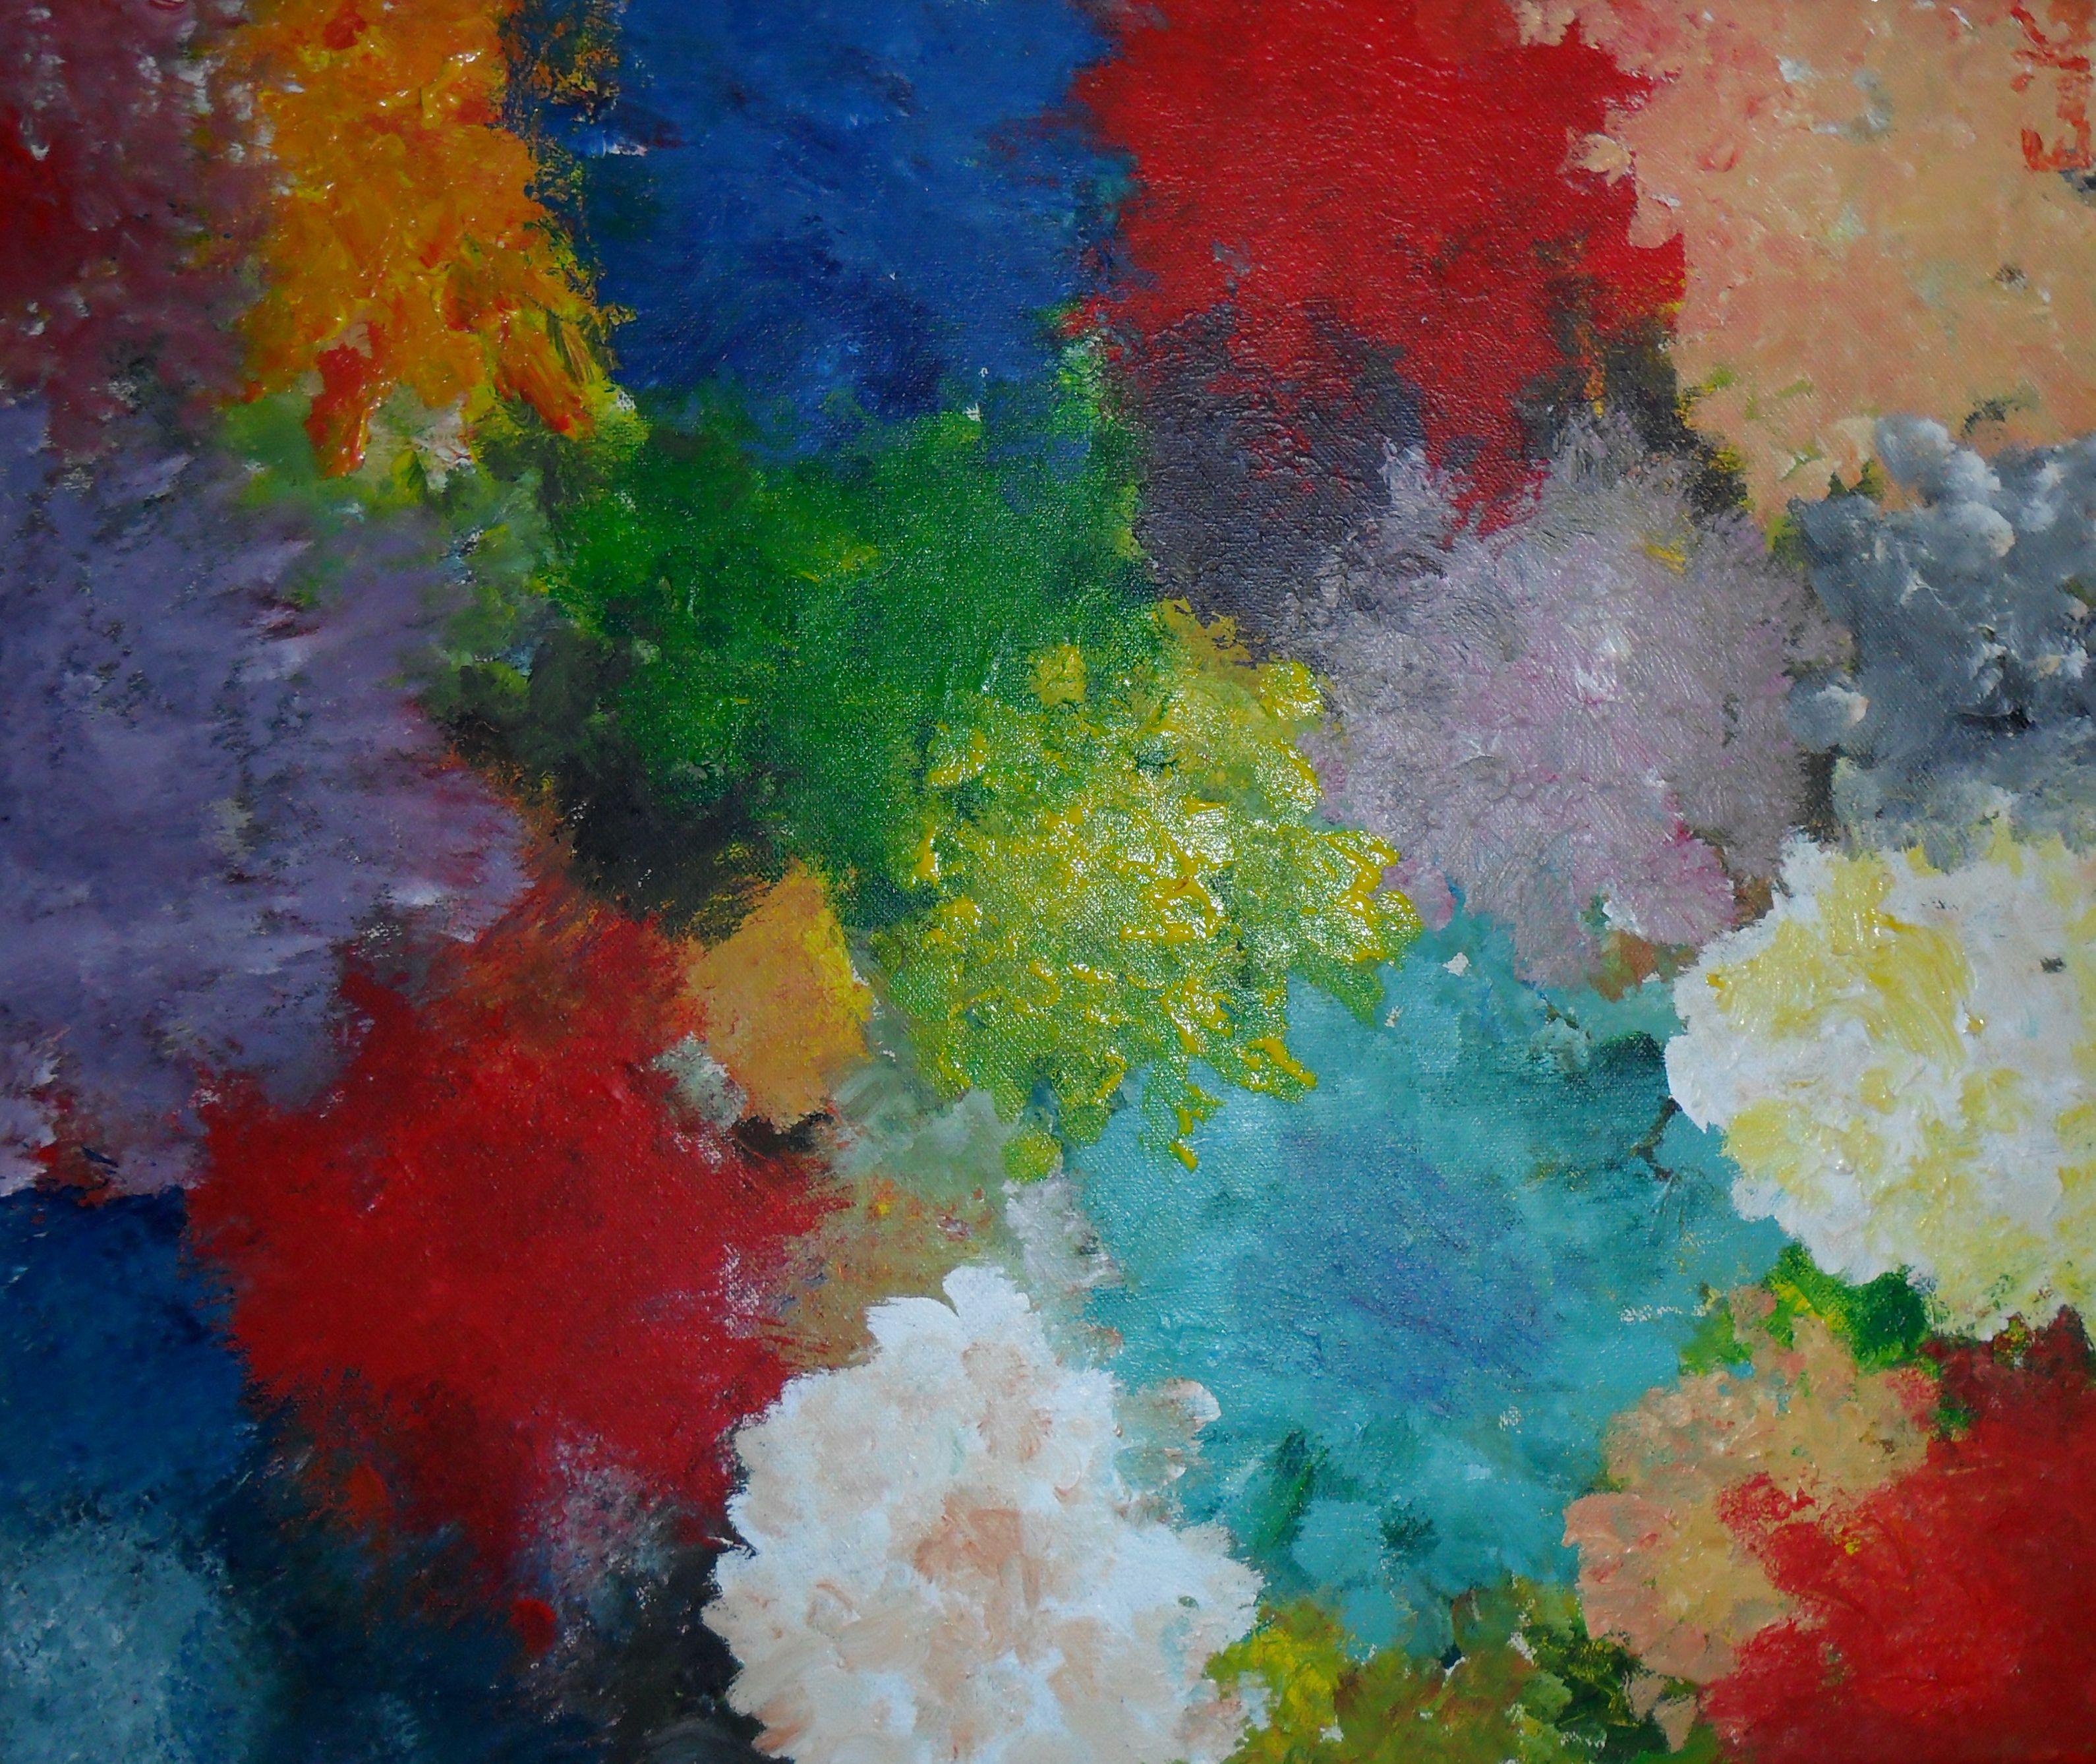 Geranium Tableau Unique Peint En 2006 Technique Peinture Acrylique